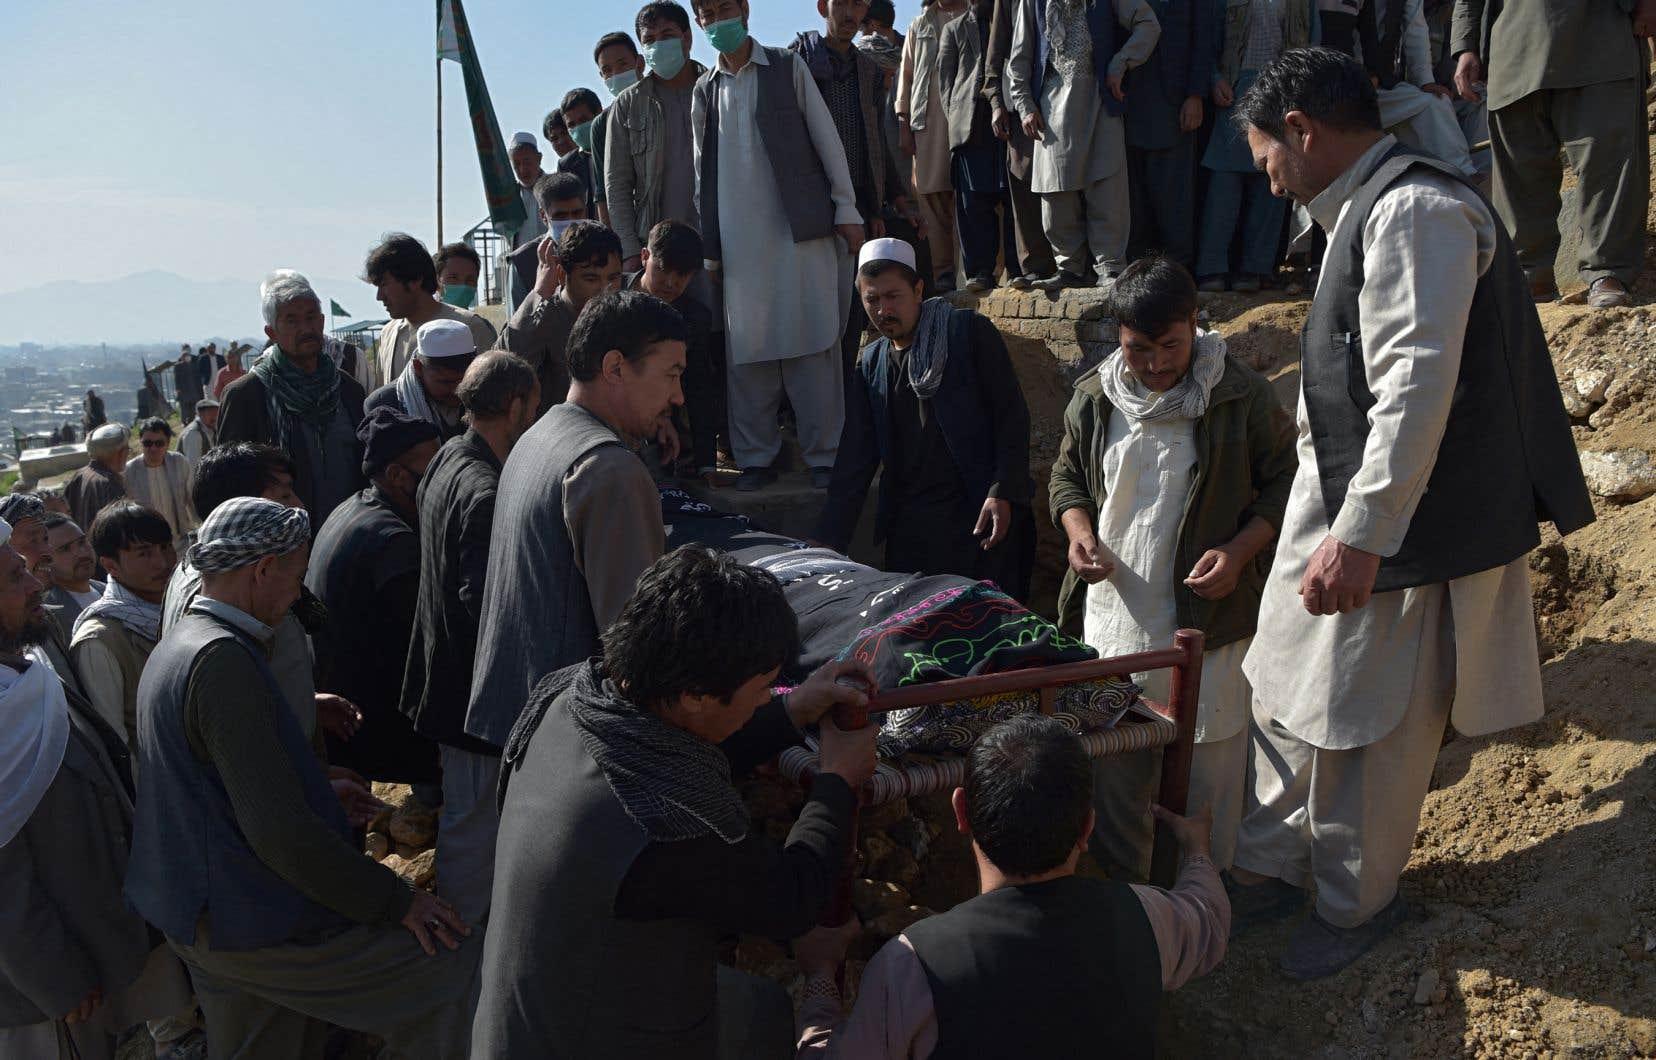 Le gouvernement a accusé les talibans d'avoir été à l'origine de ce massacre, mais ces derniers ont rejeté toute responsabilité. Ils ont diffusé un communiqué dans lequel ils appellent à «protéger les établissements scolaires».